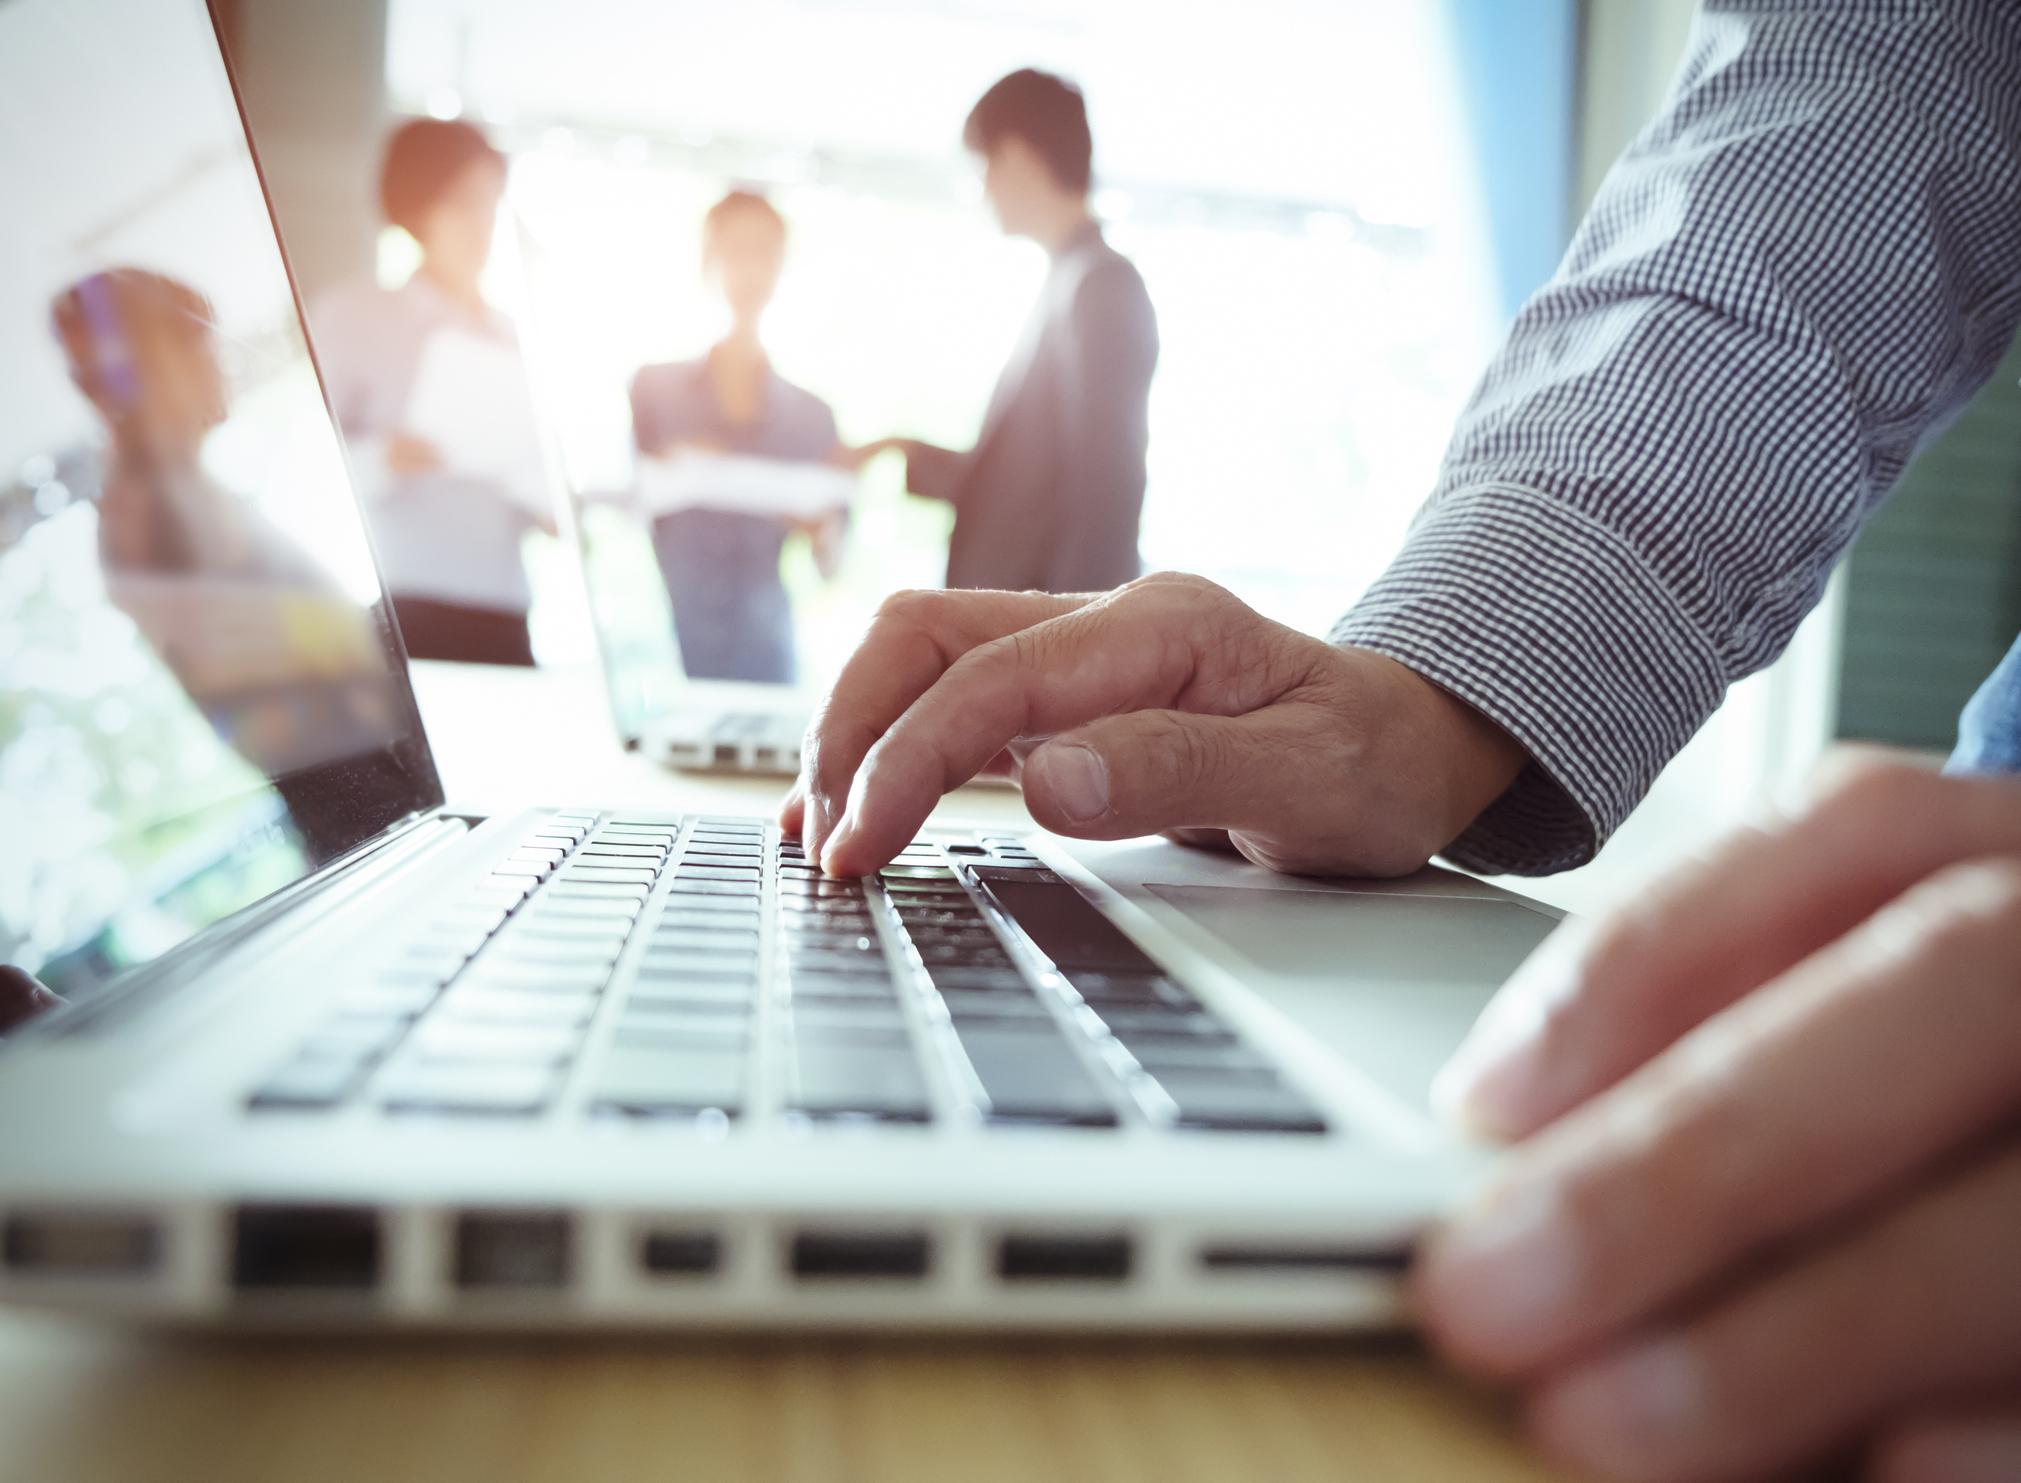 Reuniões de trabalho mais eficientes: 5 dicas